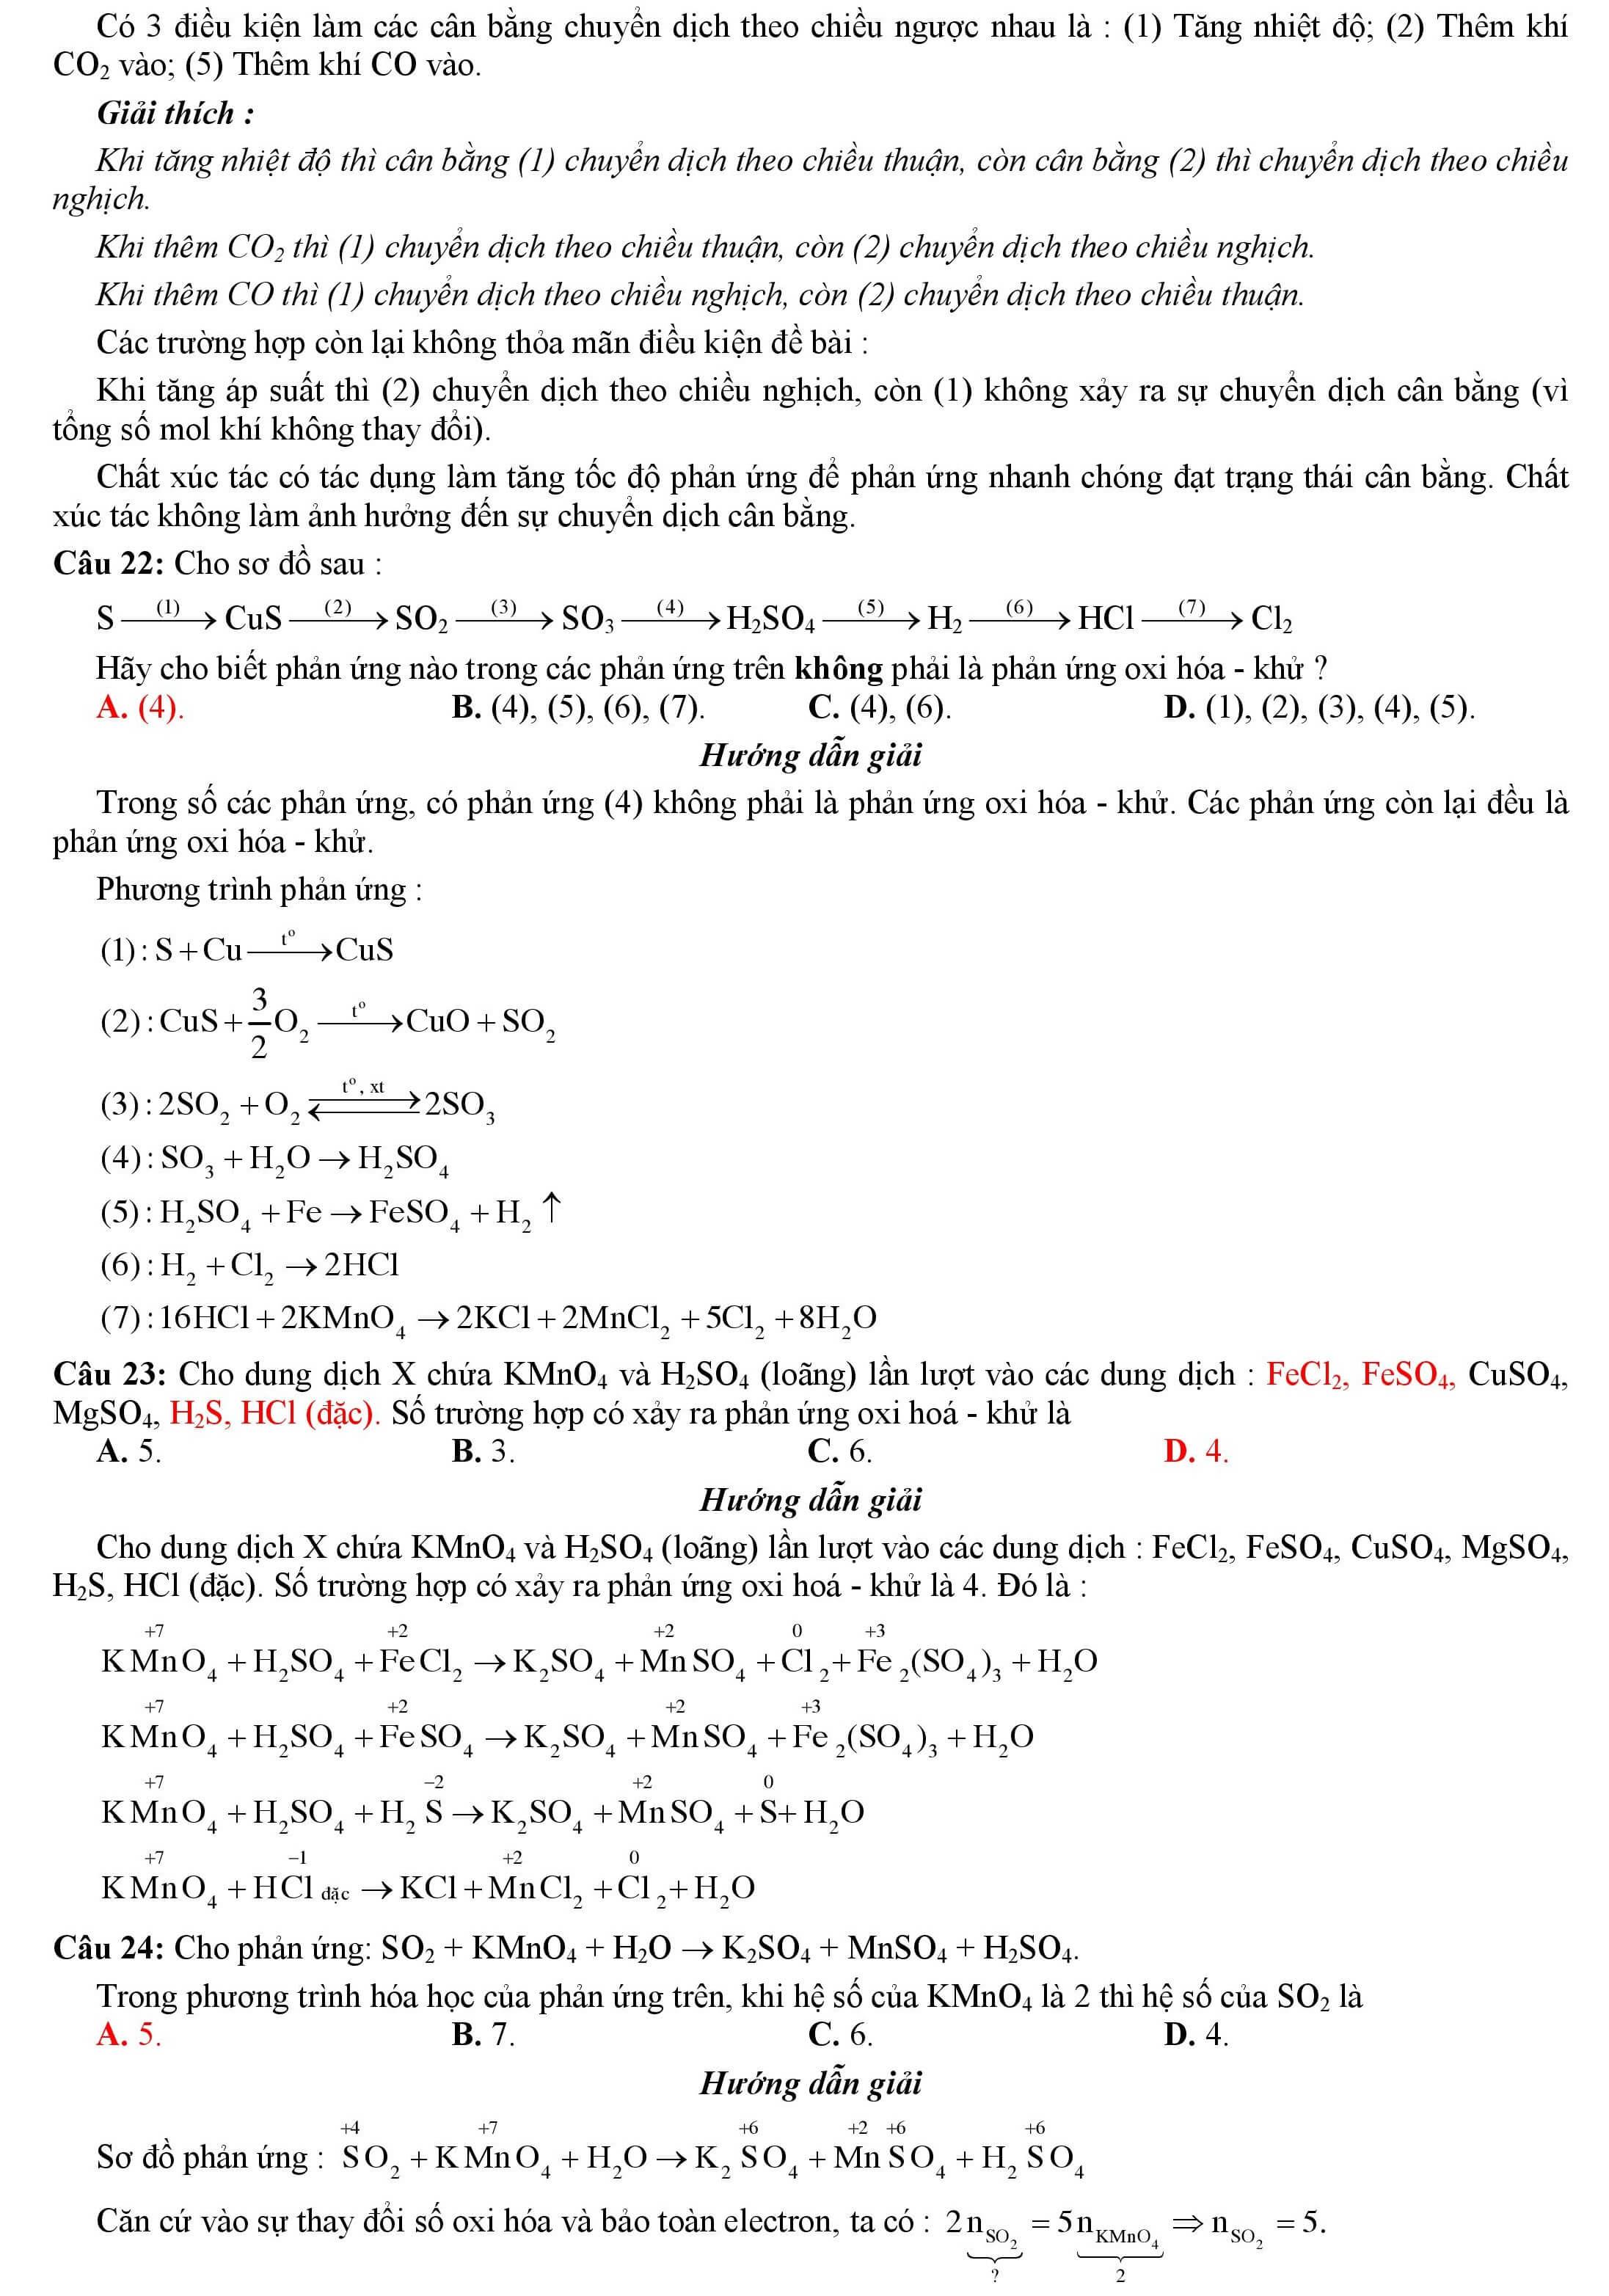 Tốc độ phản ứng và cân bằng hóa học (6).jpg